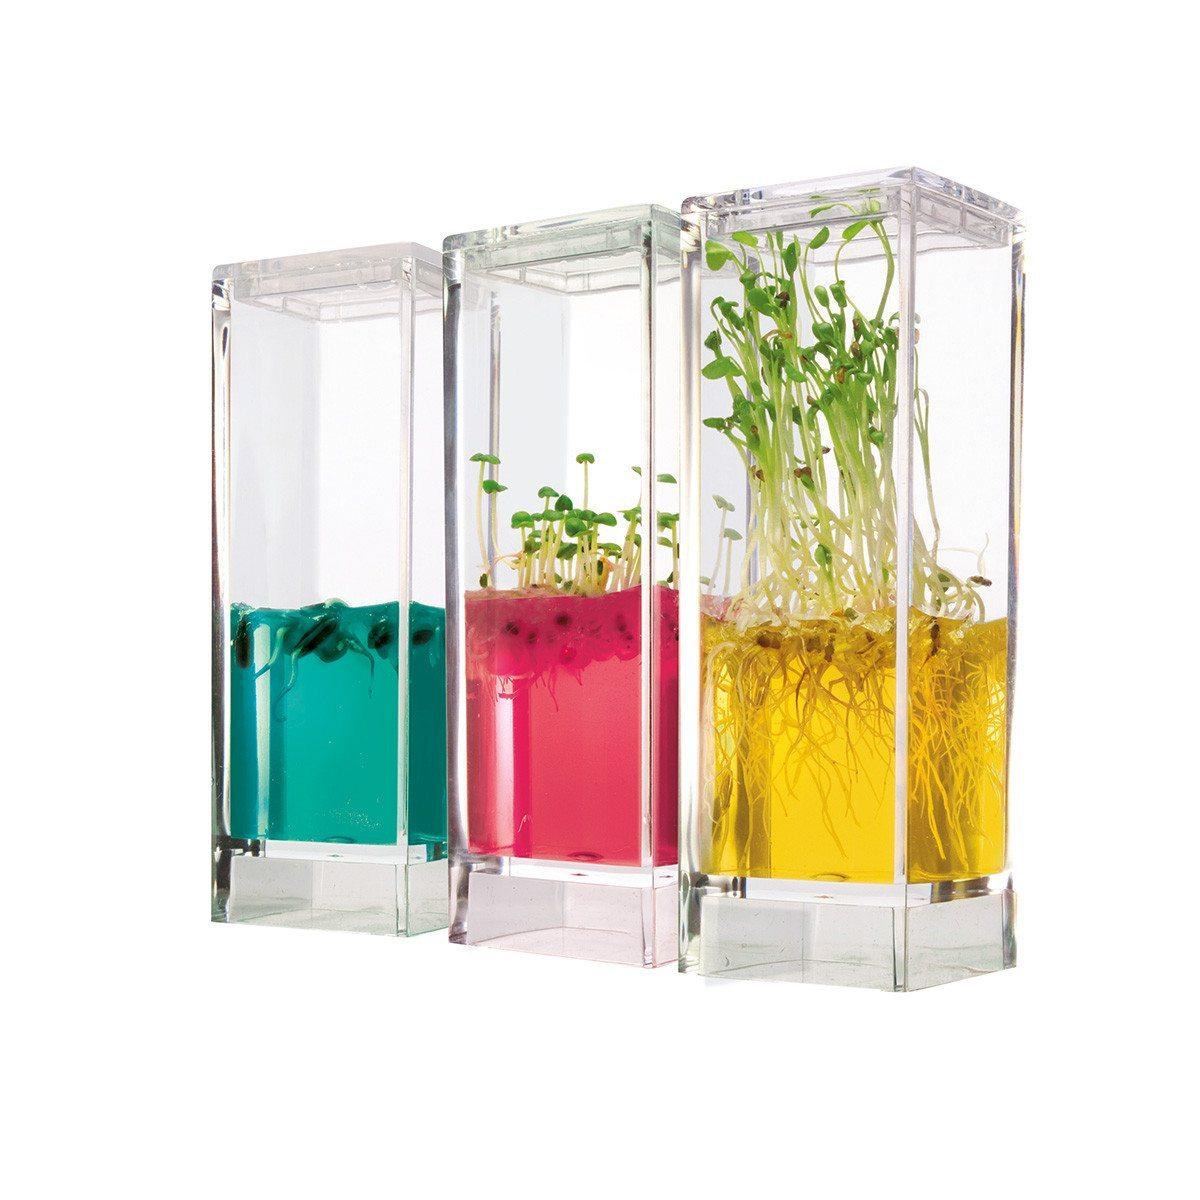 Laboratorio de plantas con gel nutritivo